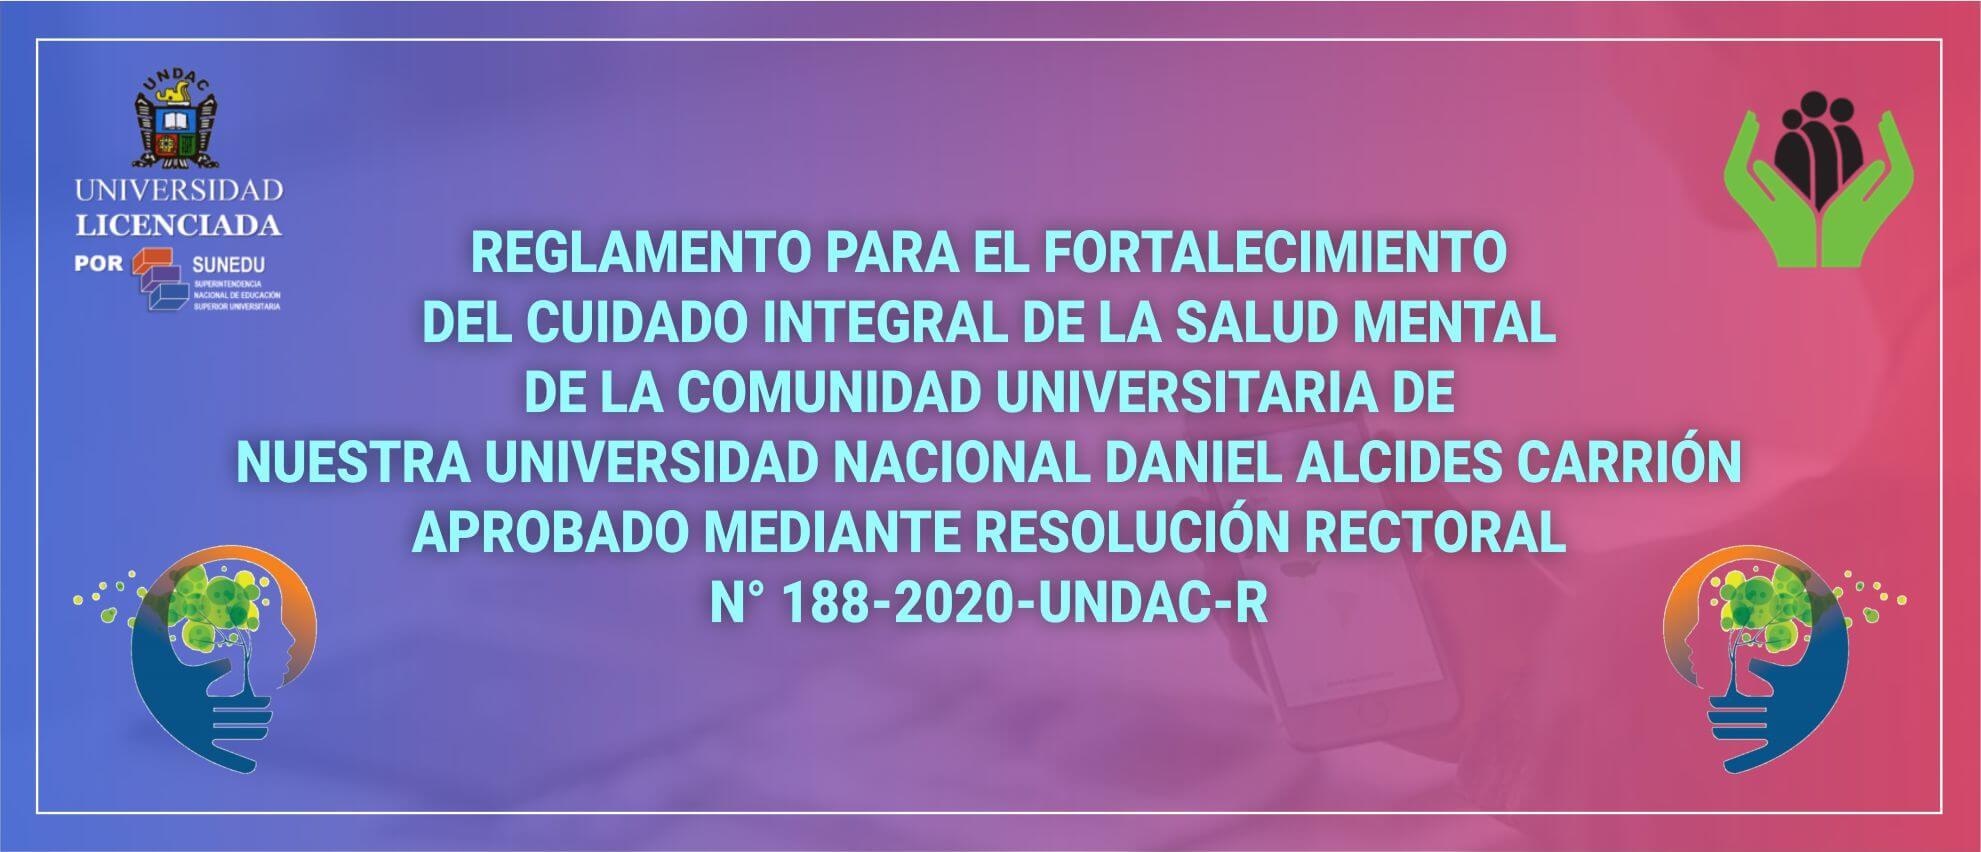 RESOLUCION RECTORAL N° 188-2020-UNDAC-R